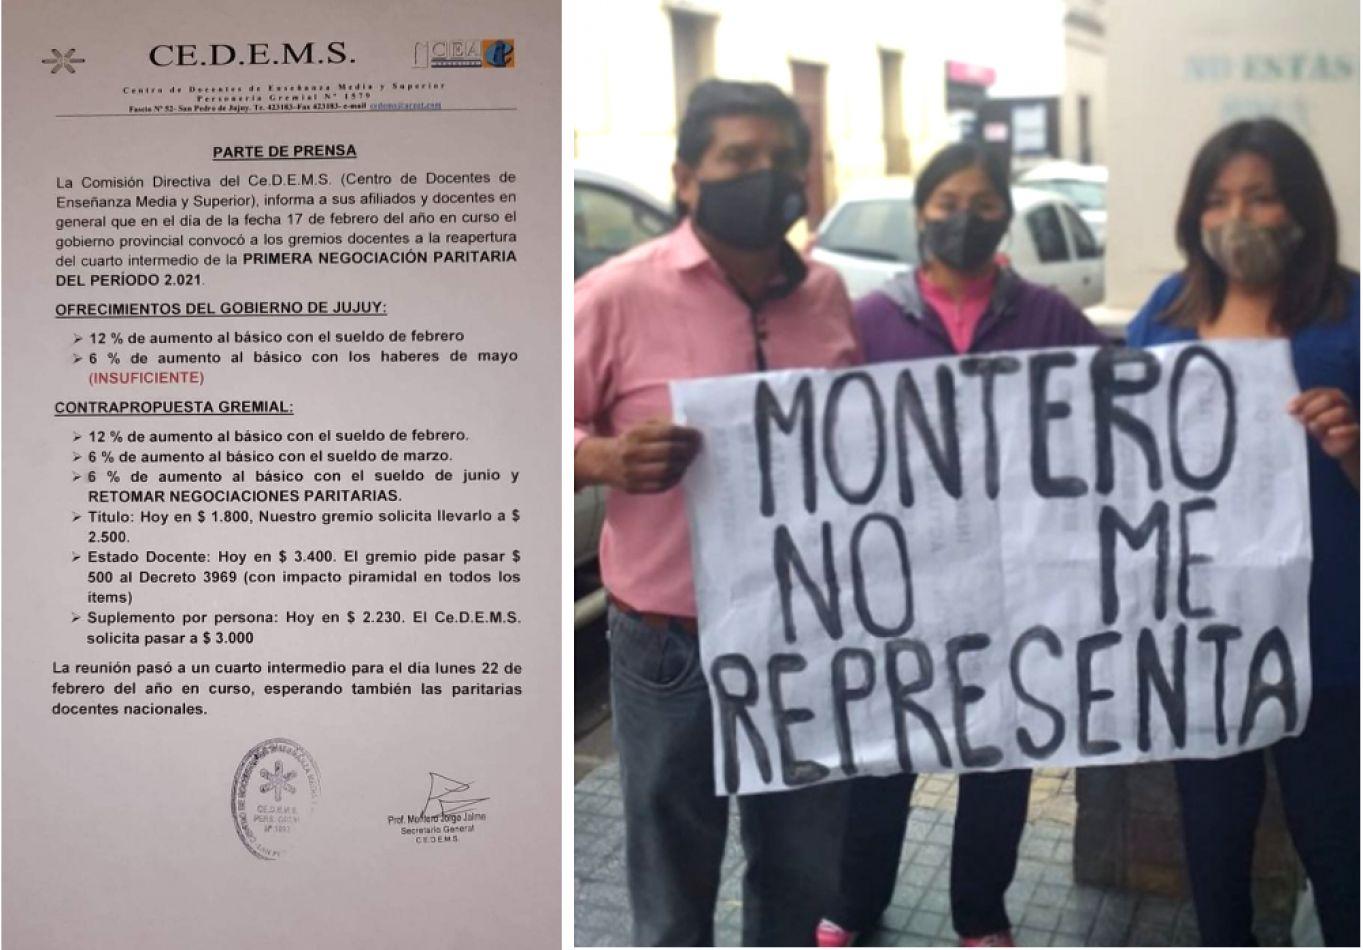 CEDEMS: sin asamblea de afiliados desde agosto de 2019, cuestionan su contrapropuesta salarial